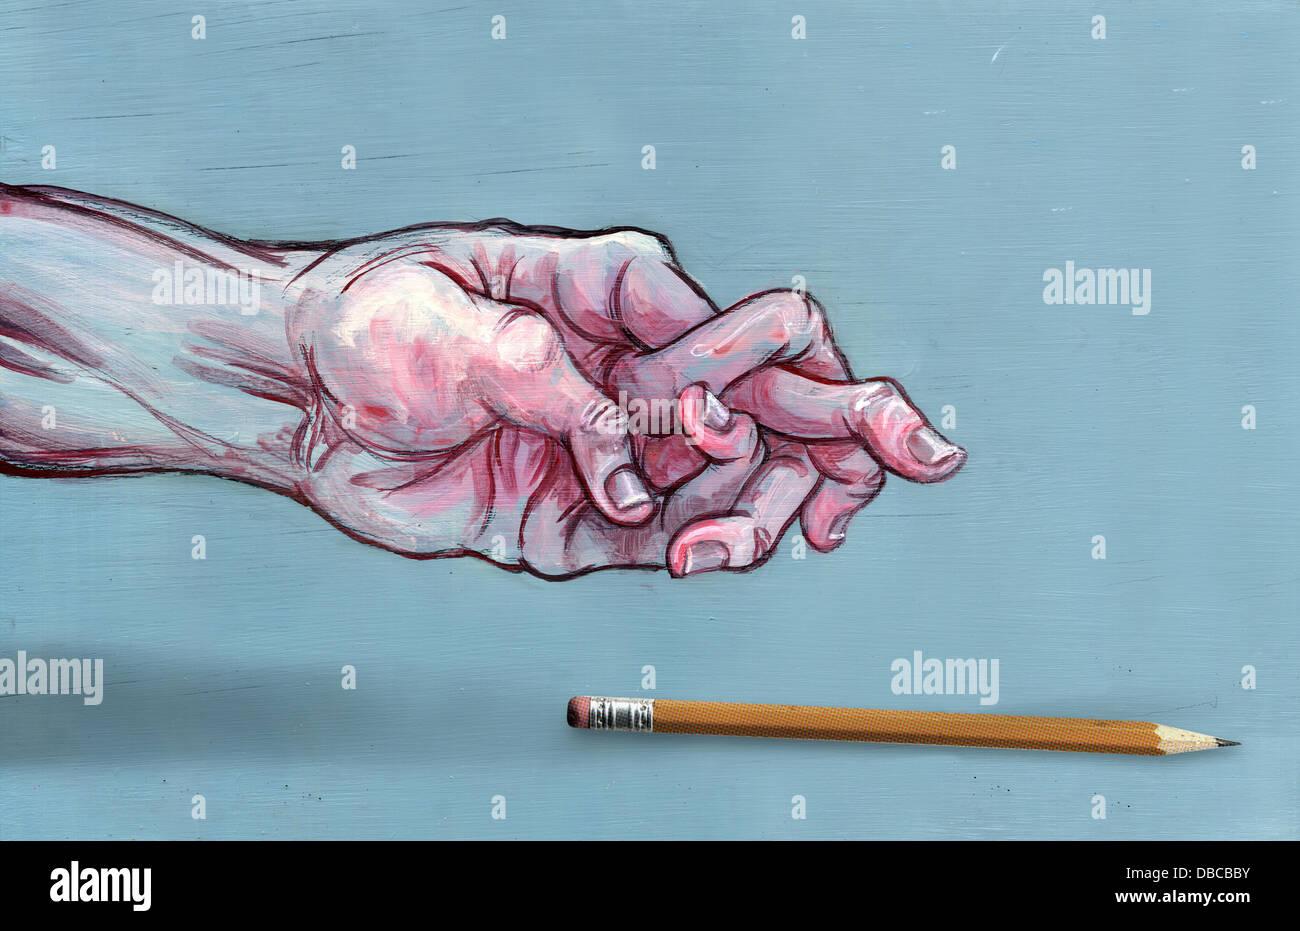 Image d'illustration de la main de l'homme avec les doigts et confuses pen représentant l'arthrite Banque D'Images